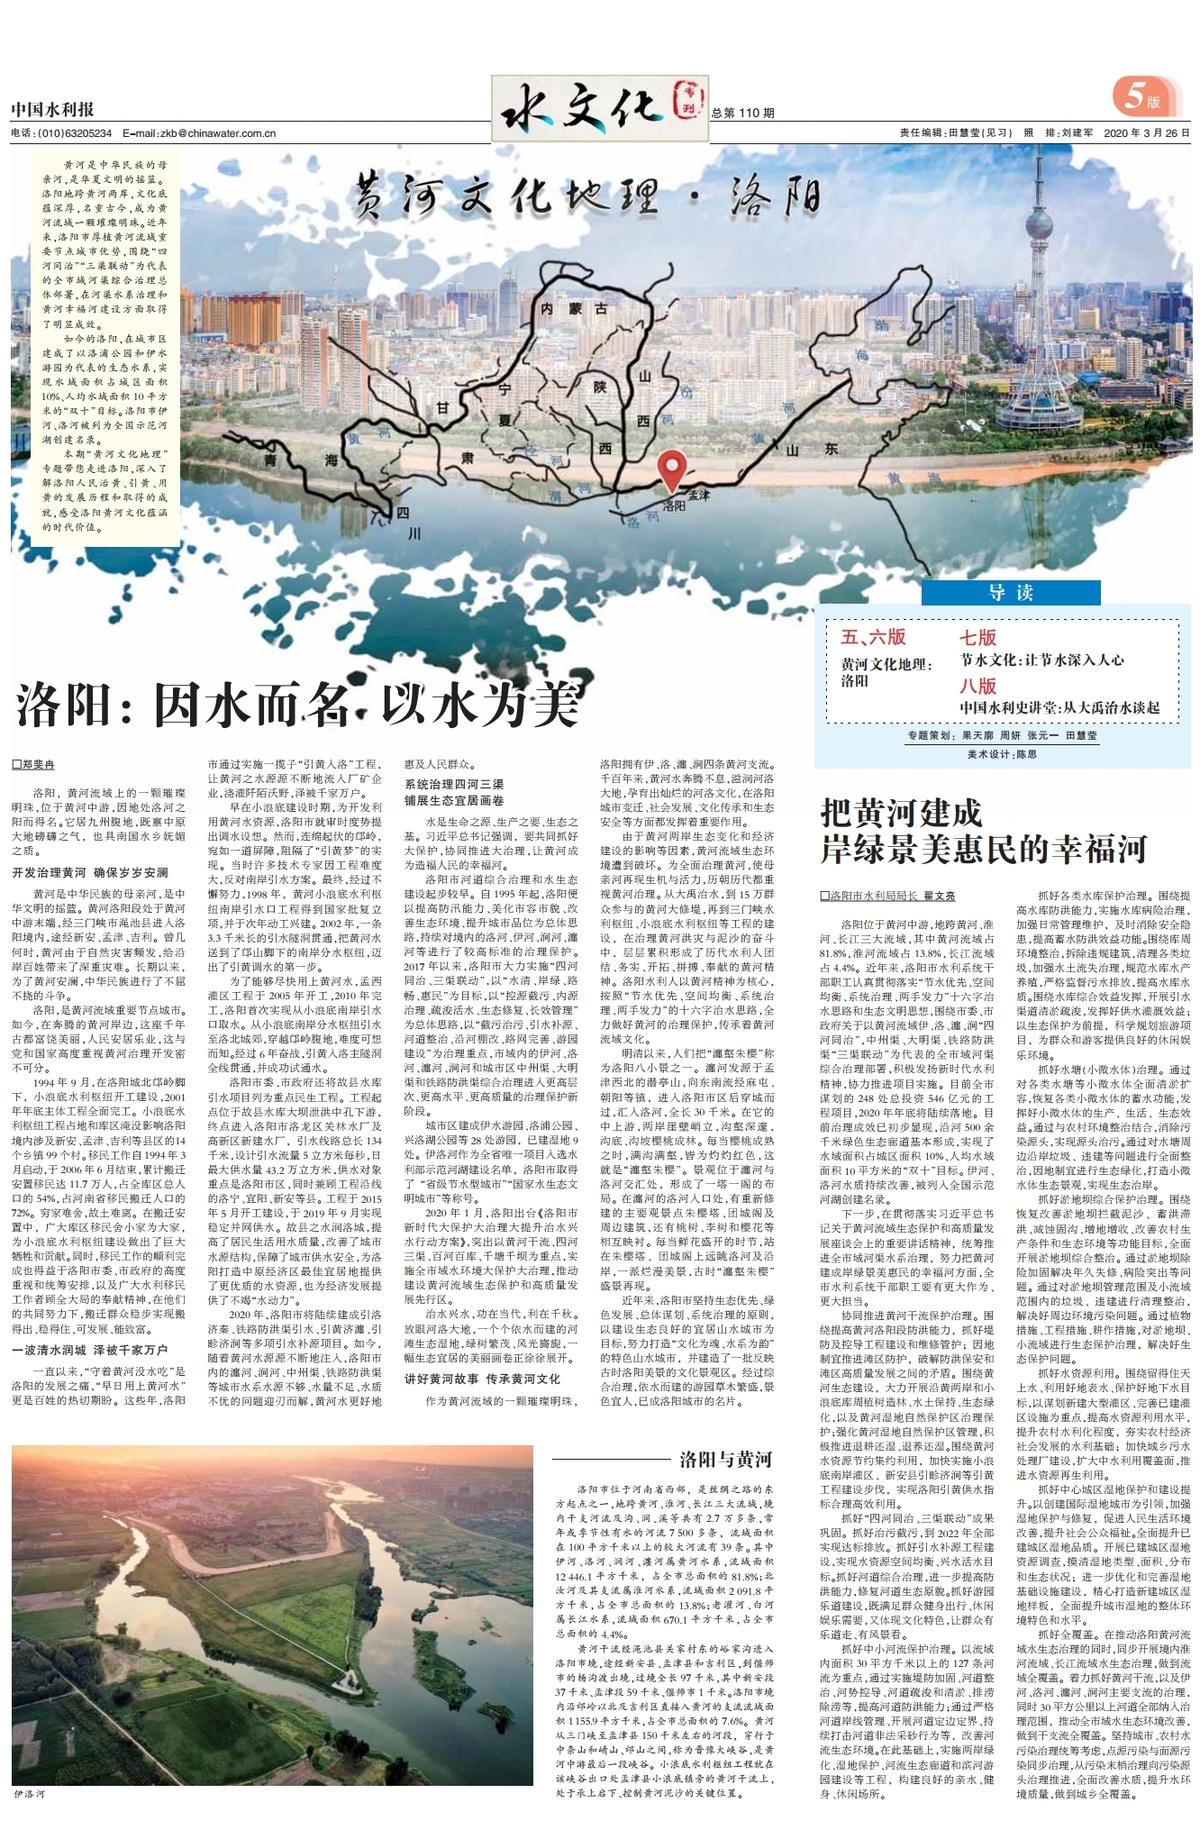 中国水利报:黄河文化地理 · 洛阳 专版一